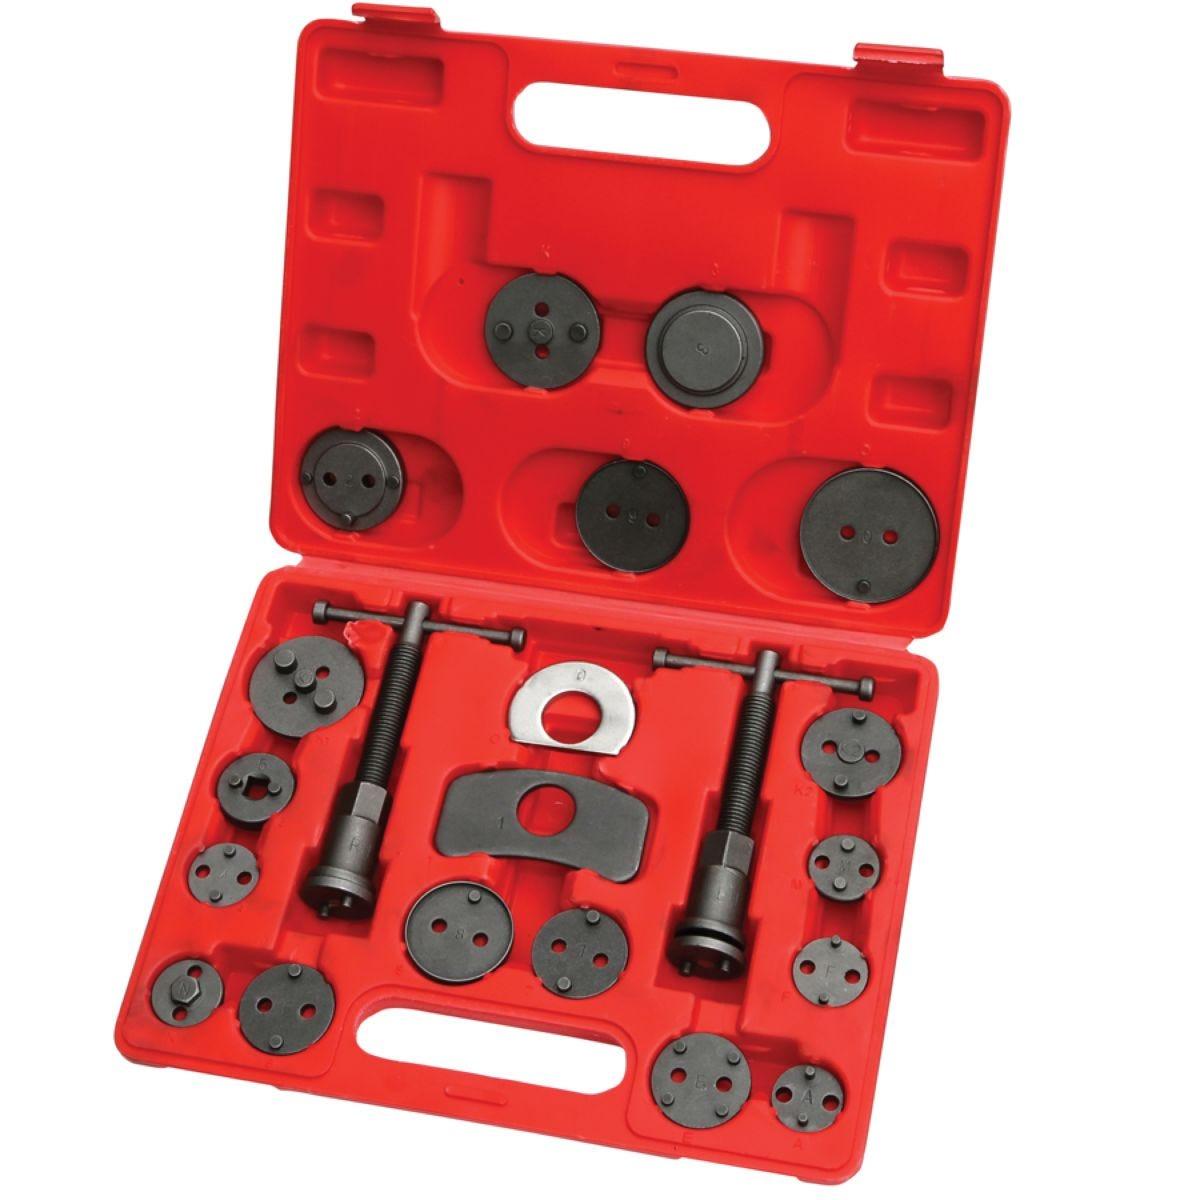 Hilka 21pc Brake Caliper Rewind Set